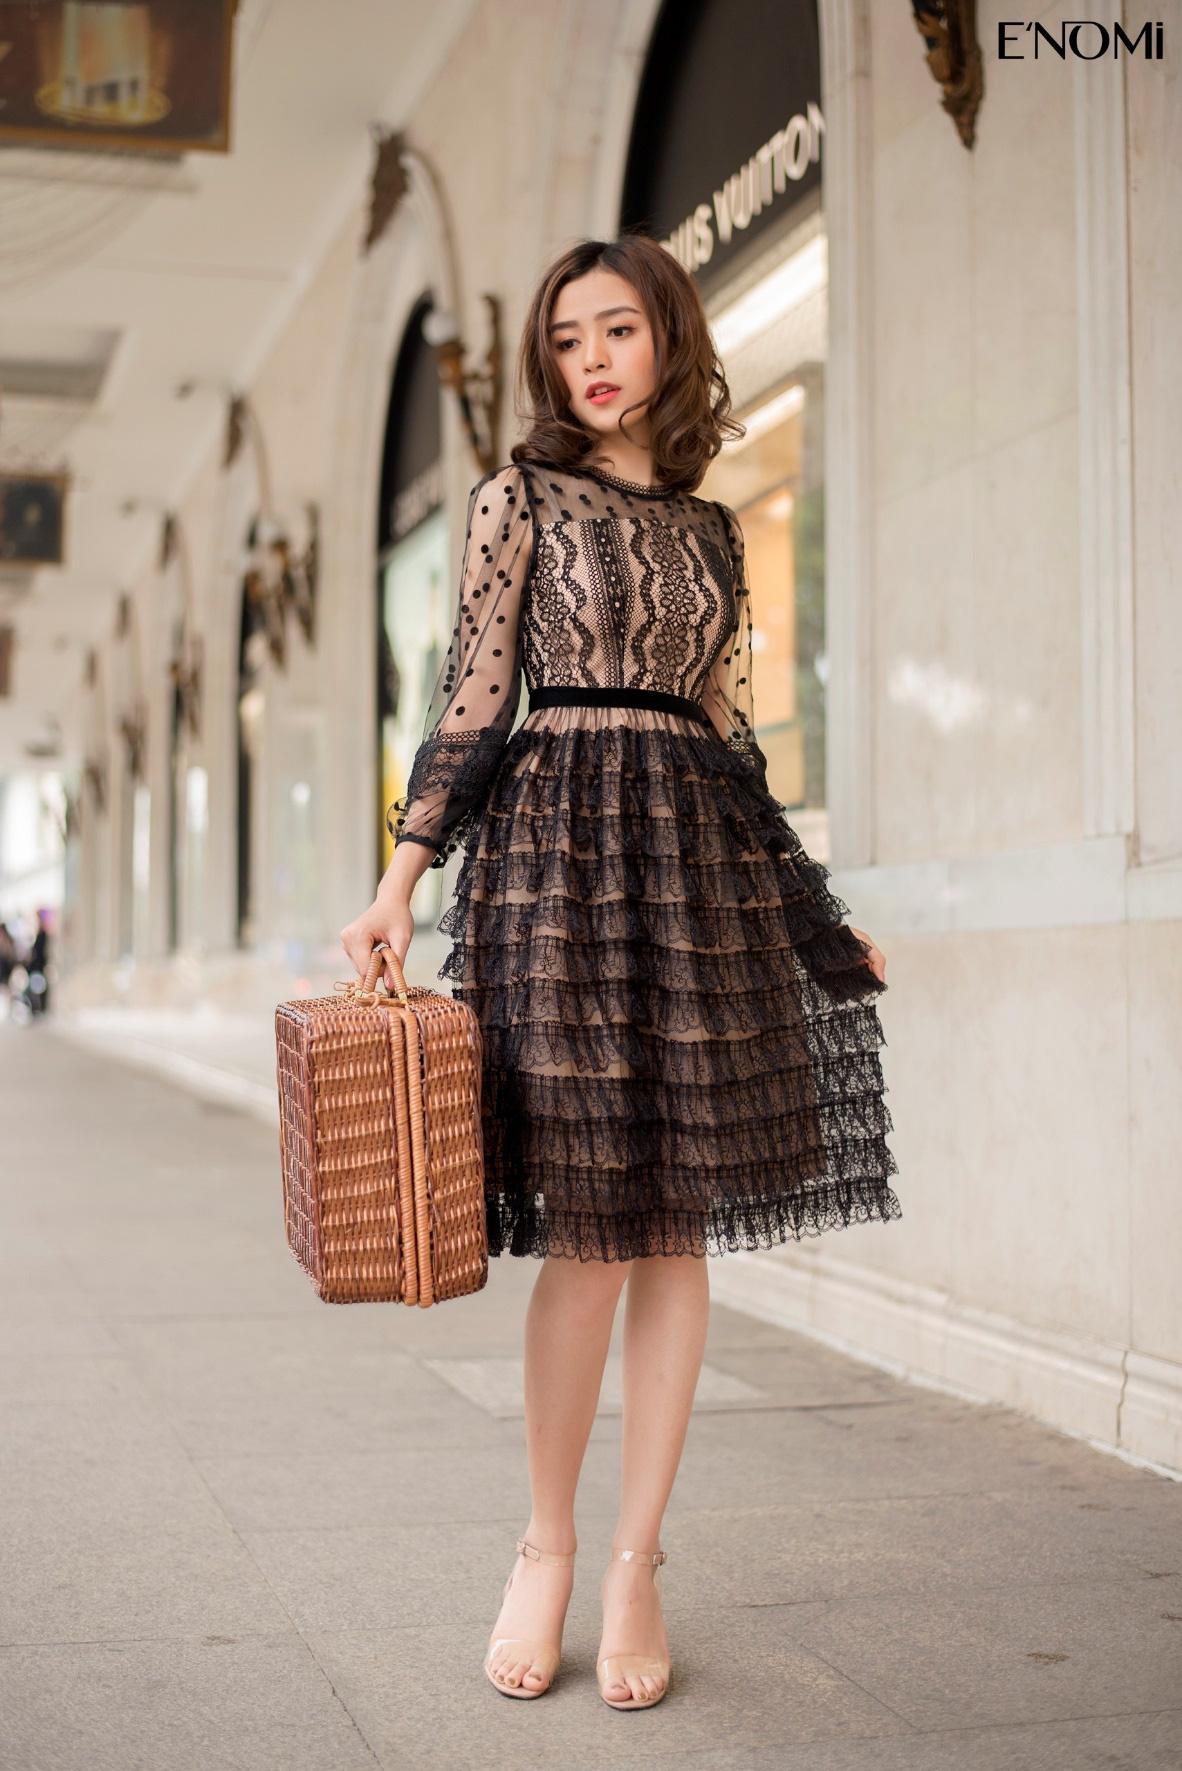 Săn sale Black Friday áo dài truyền thống và đầm tiệc đồng loạt giảm giá 50% - Ảnh 8.